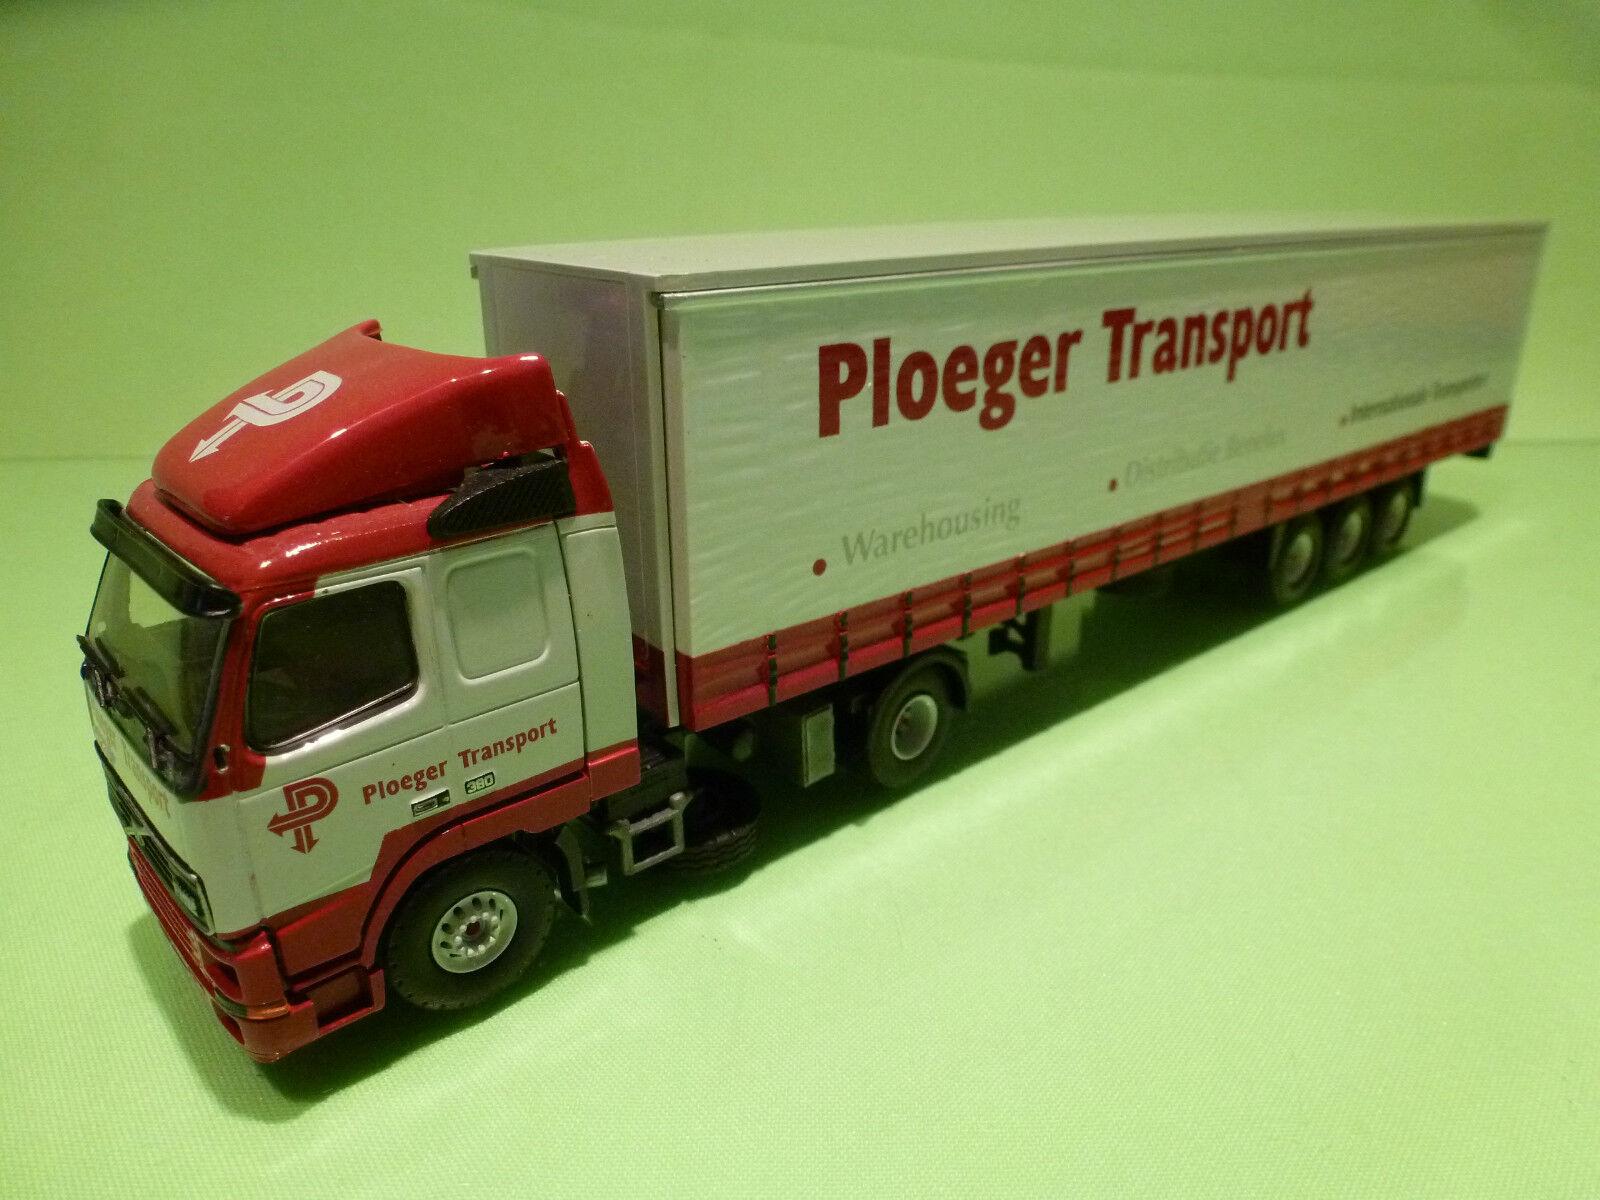 moda TEKNO HOLLAND VOLVO FH12 380 380 380 TRUCK+TRAILER - PLOEGER TRANSPORT - rojo 1 50 - VG  Nuevos productos de artículos novedosos.